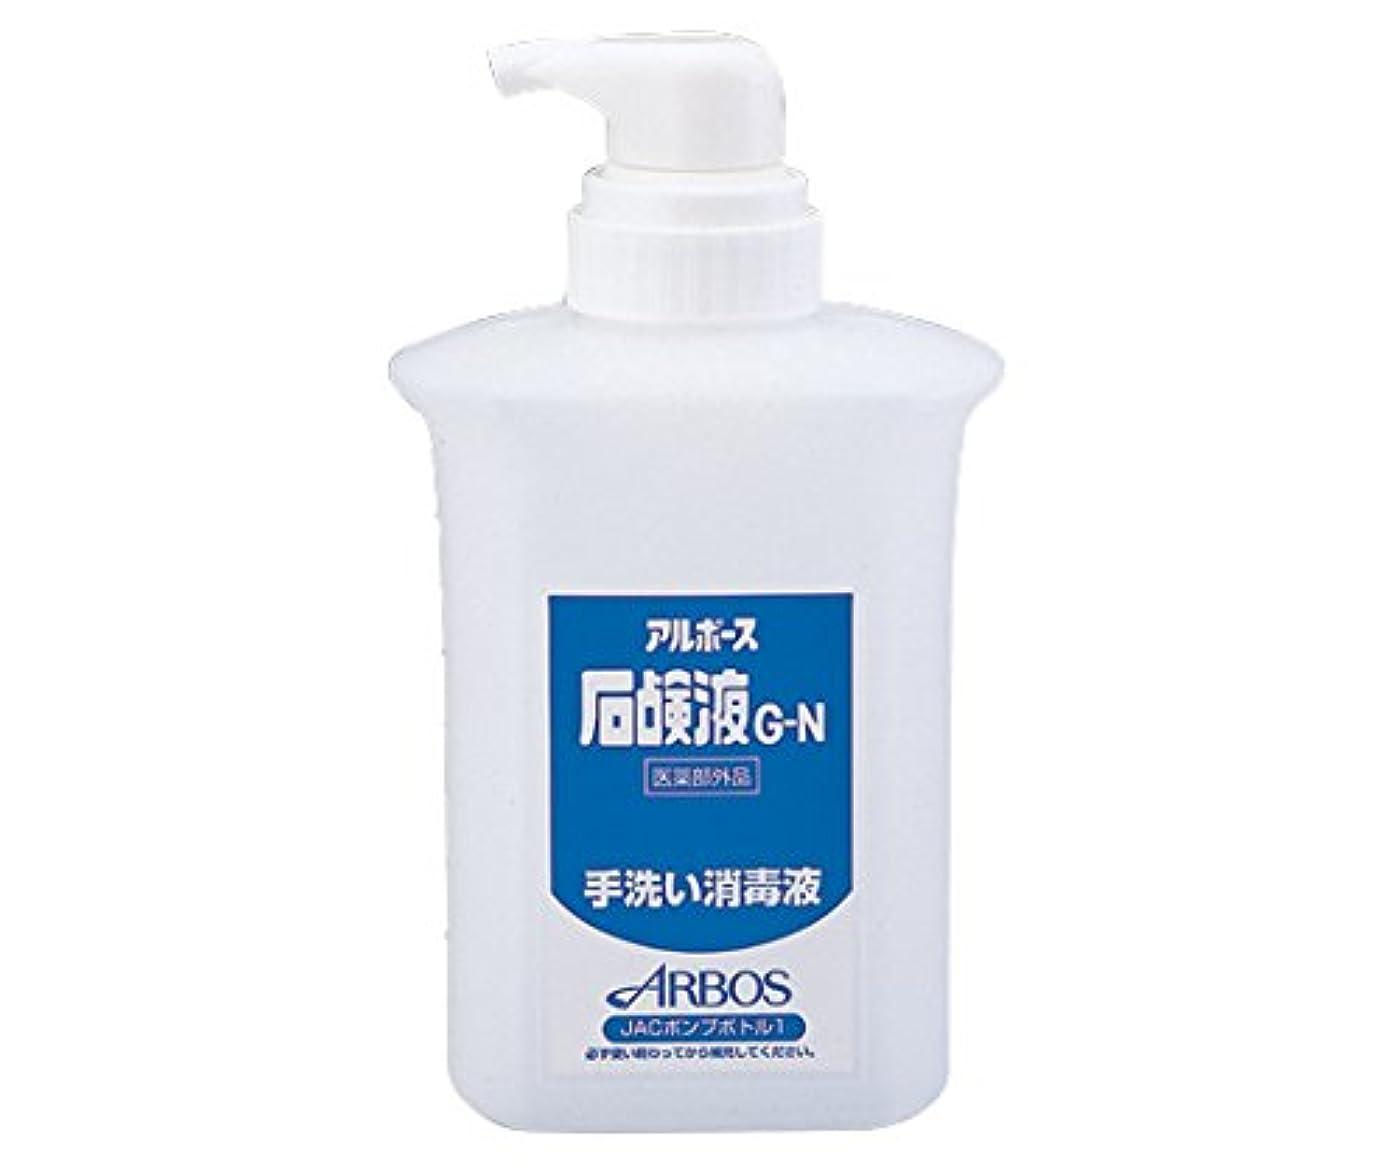 暴動政治火薬アルボースiG-N用ポンプボトル 1000mL